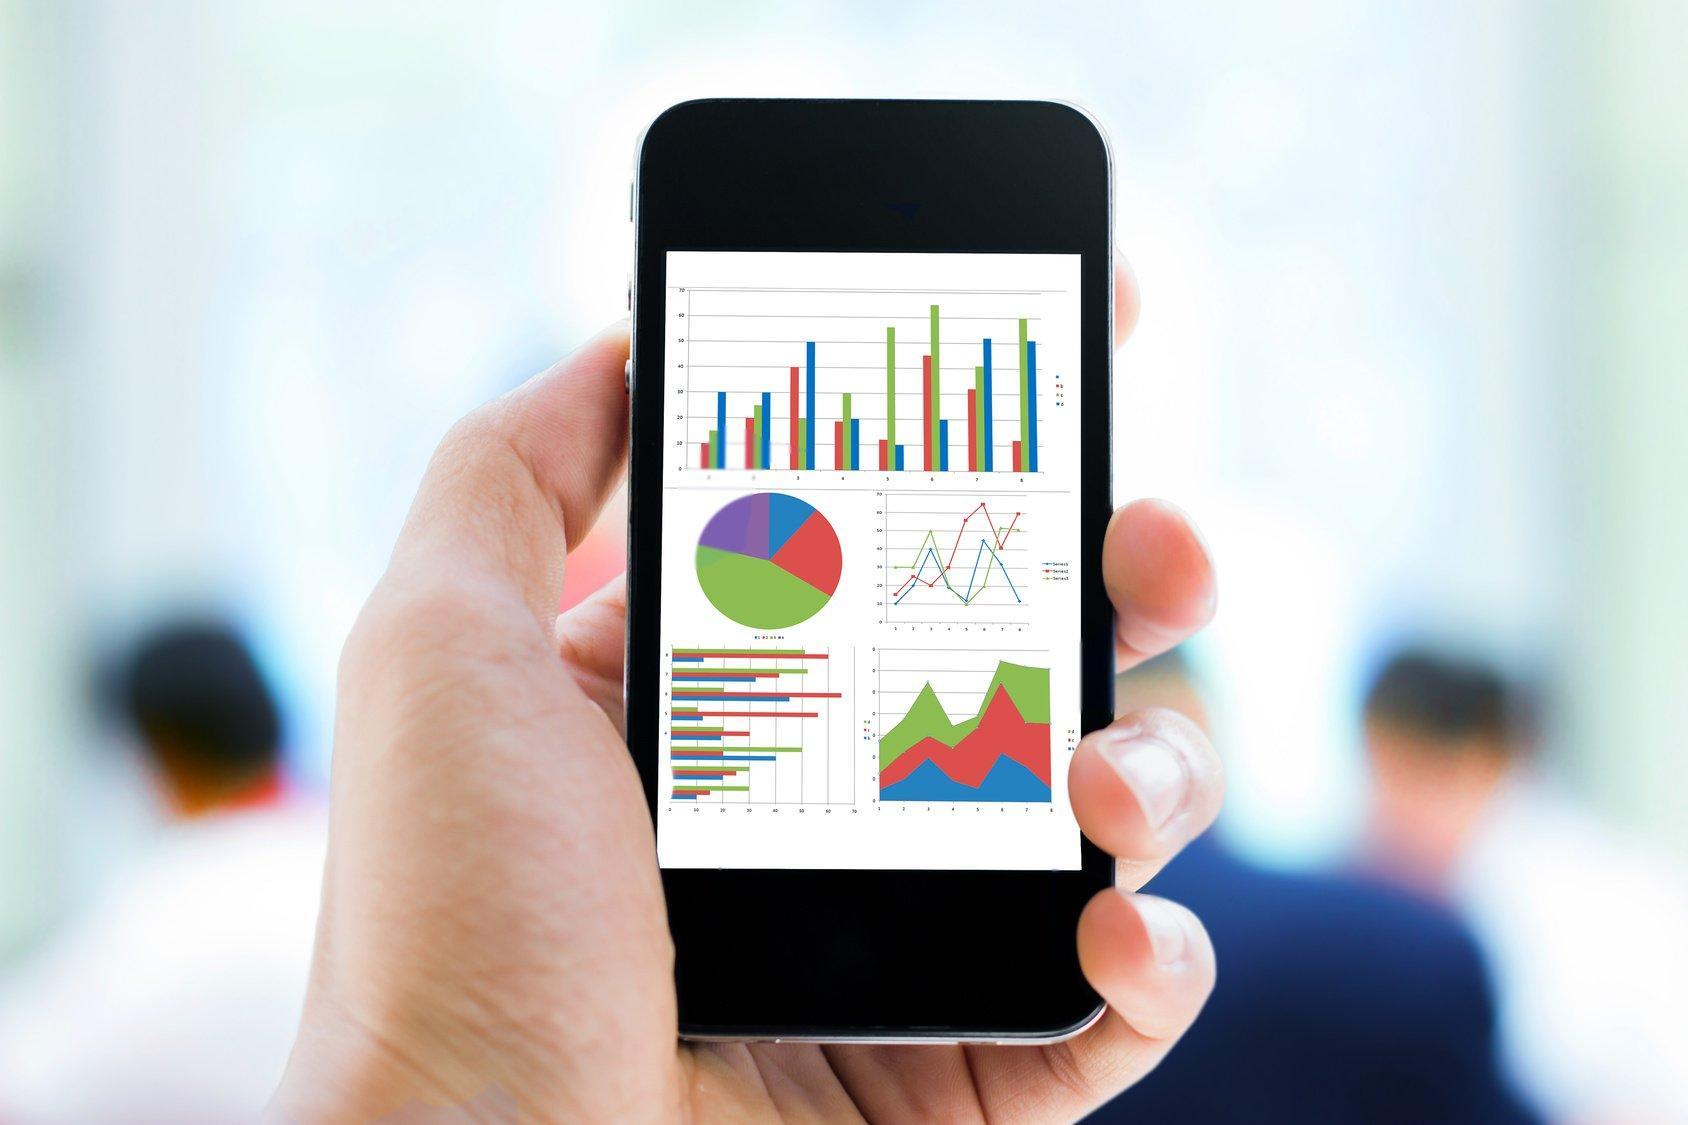 Come il Mobile Marketing può incrementare il ROI delle piccole imprese